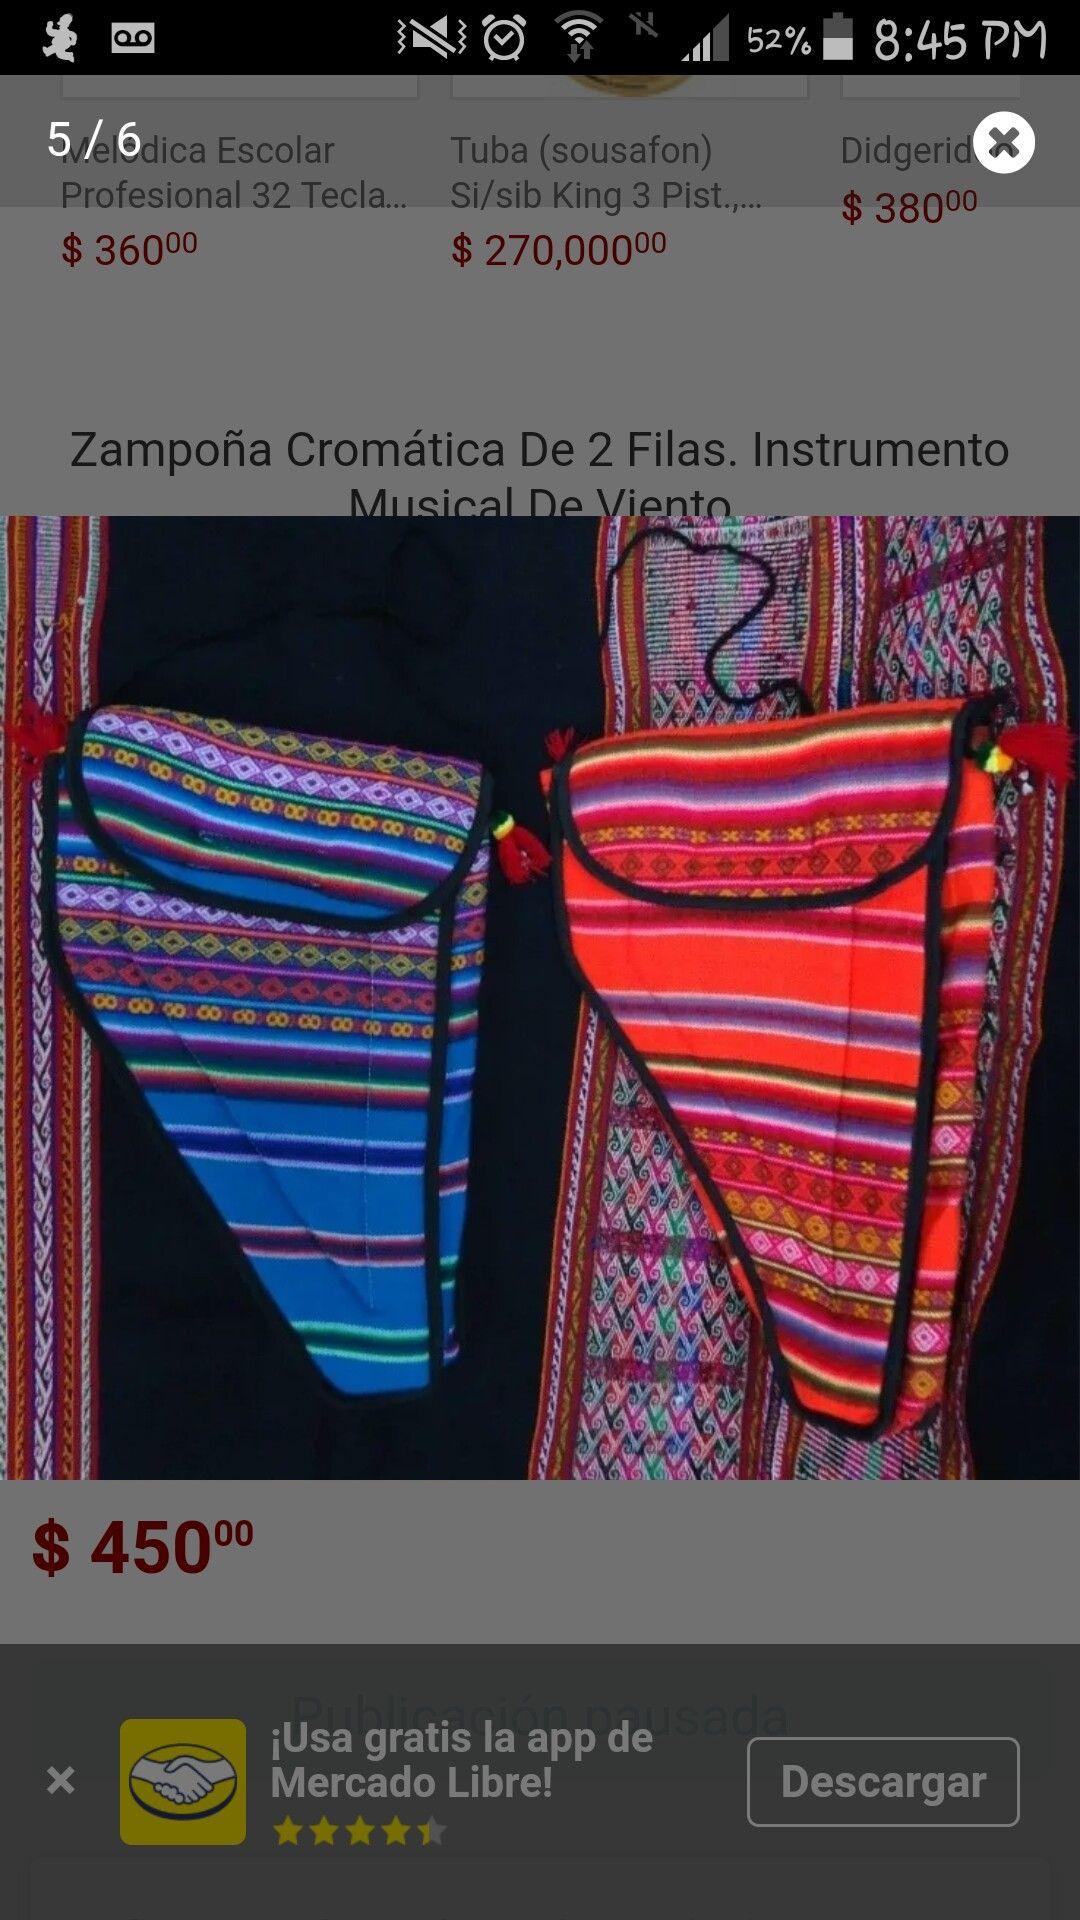 Tuba otros instrumentos de viento en mercado libre argentina for Casa amarilla instrumentos